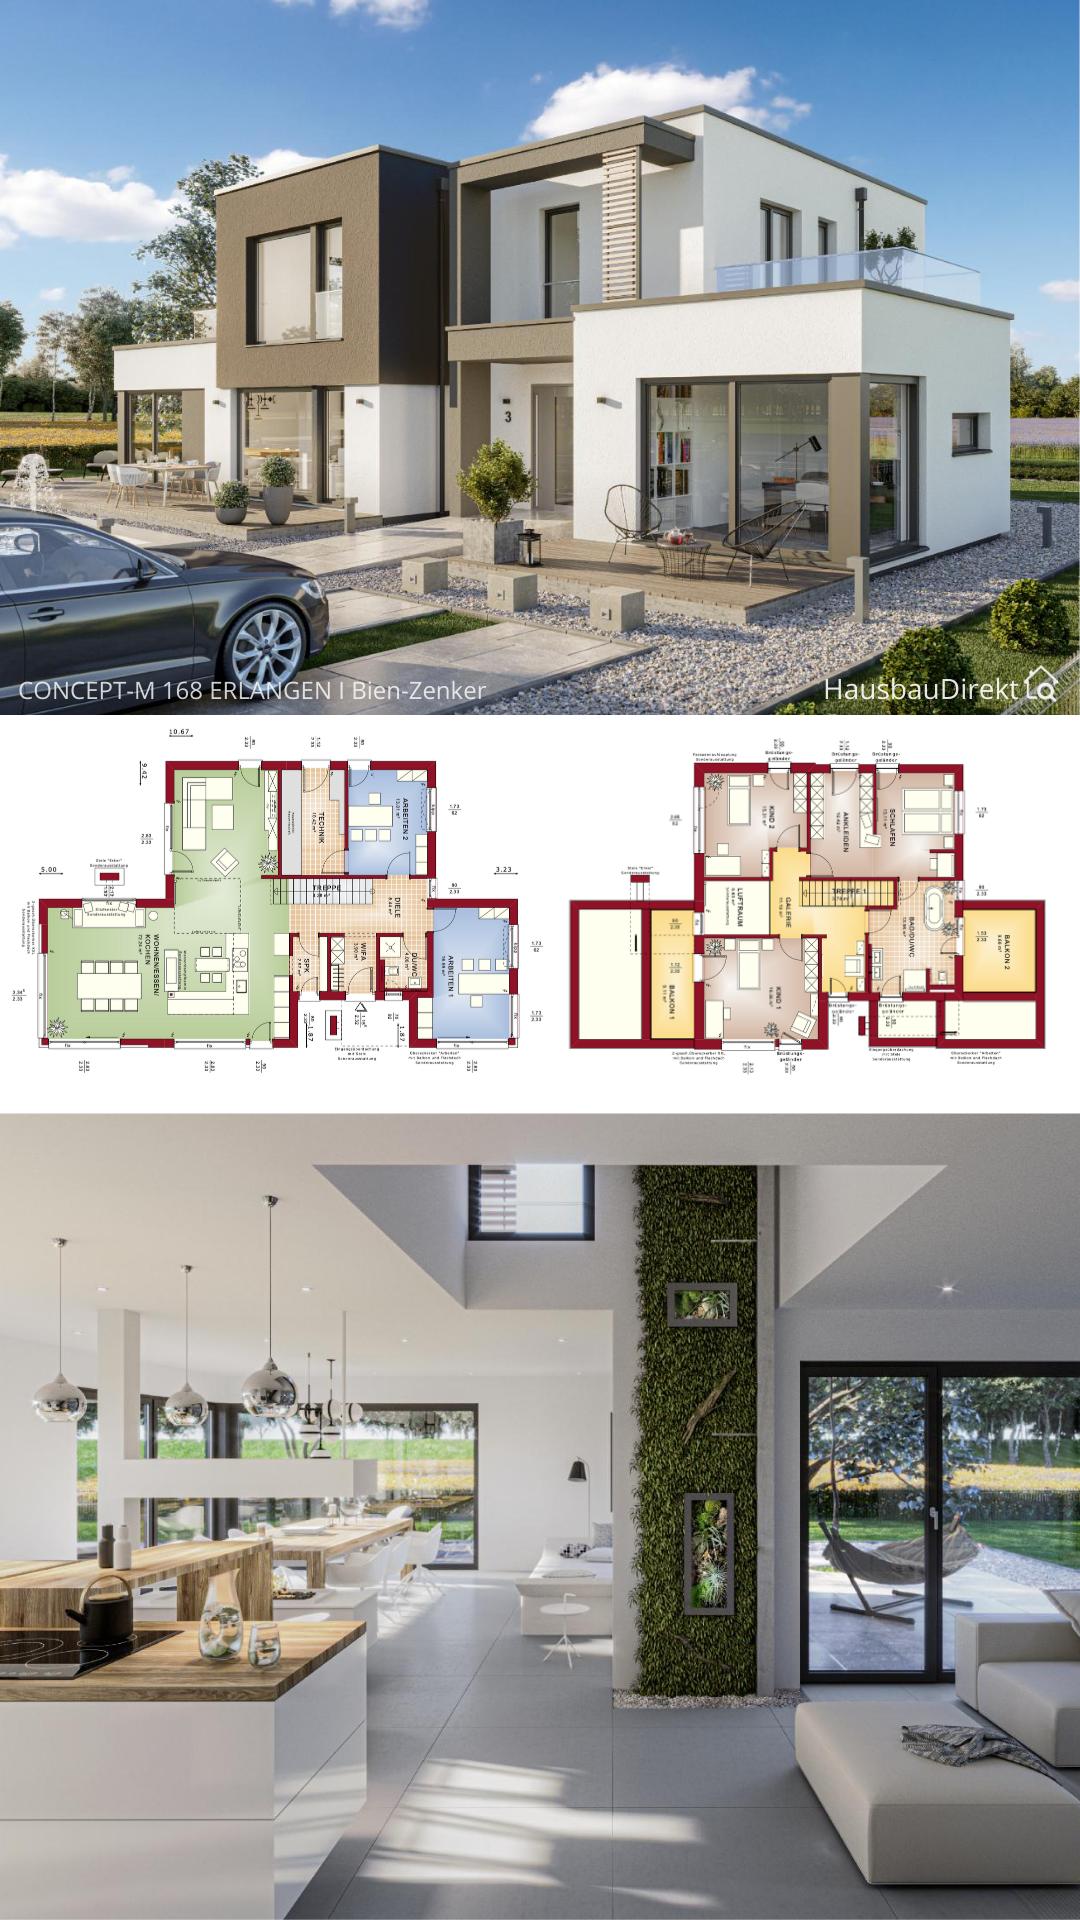 Modernes Haus Design Mit Flachdach Im Bauhausstil Bauen Einfamilienhaus Grundriss Offen Mit Galerie In 2020 Haus Design Haus Modernes Haus